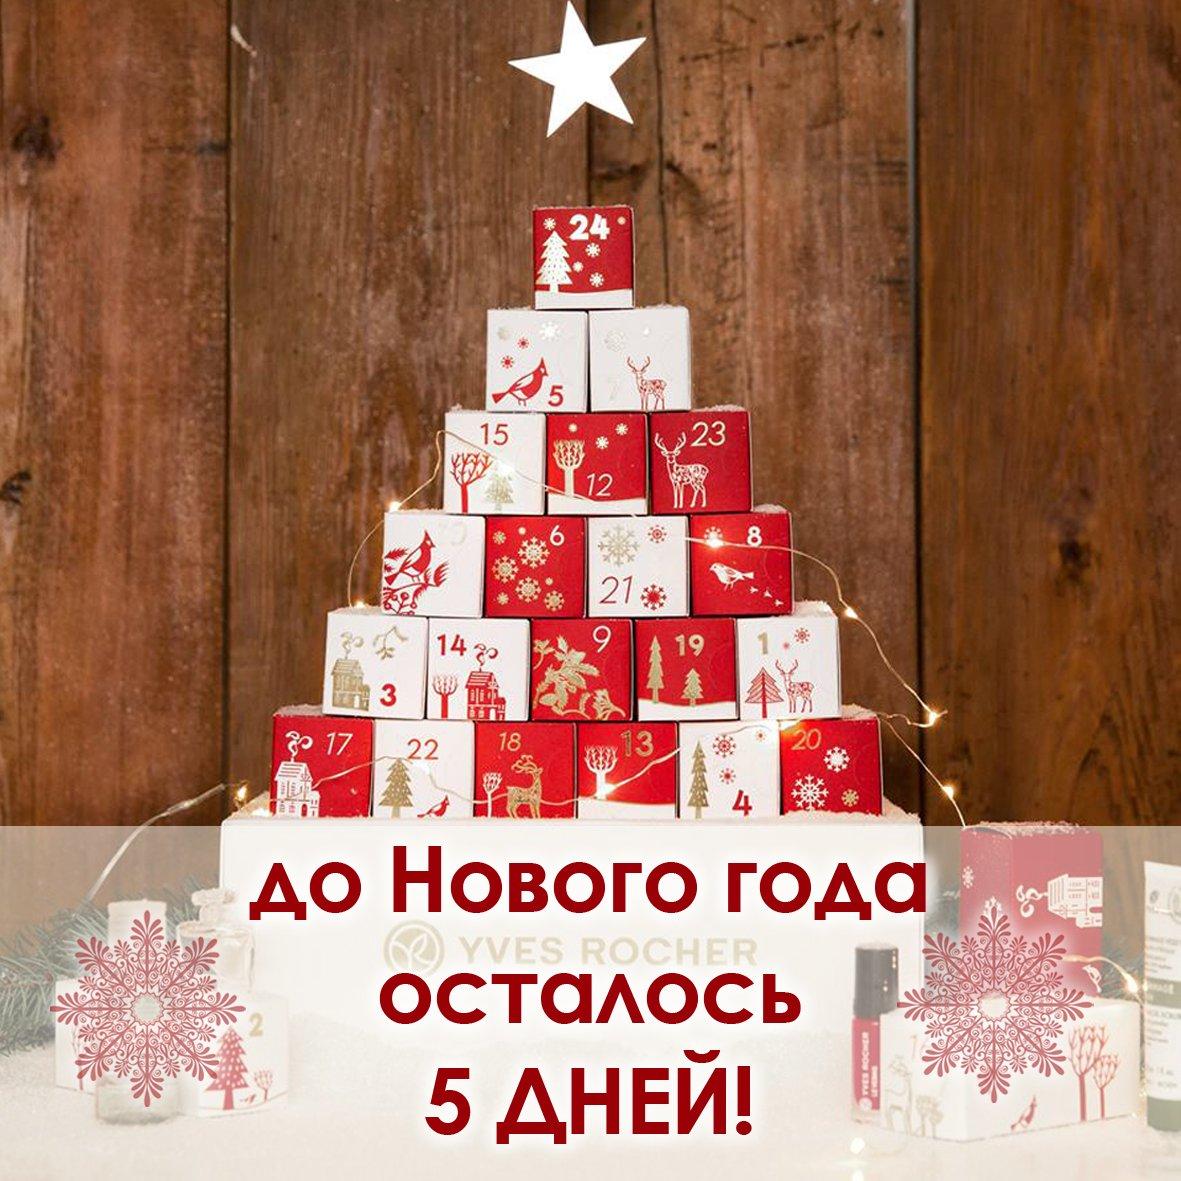 Открытки до нового года осталось 7 дней